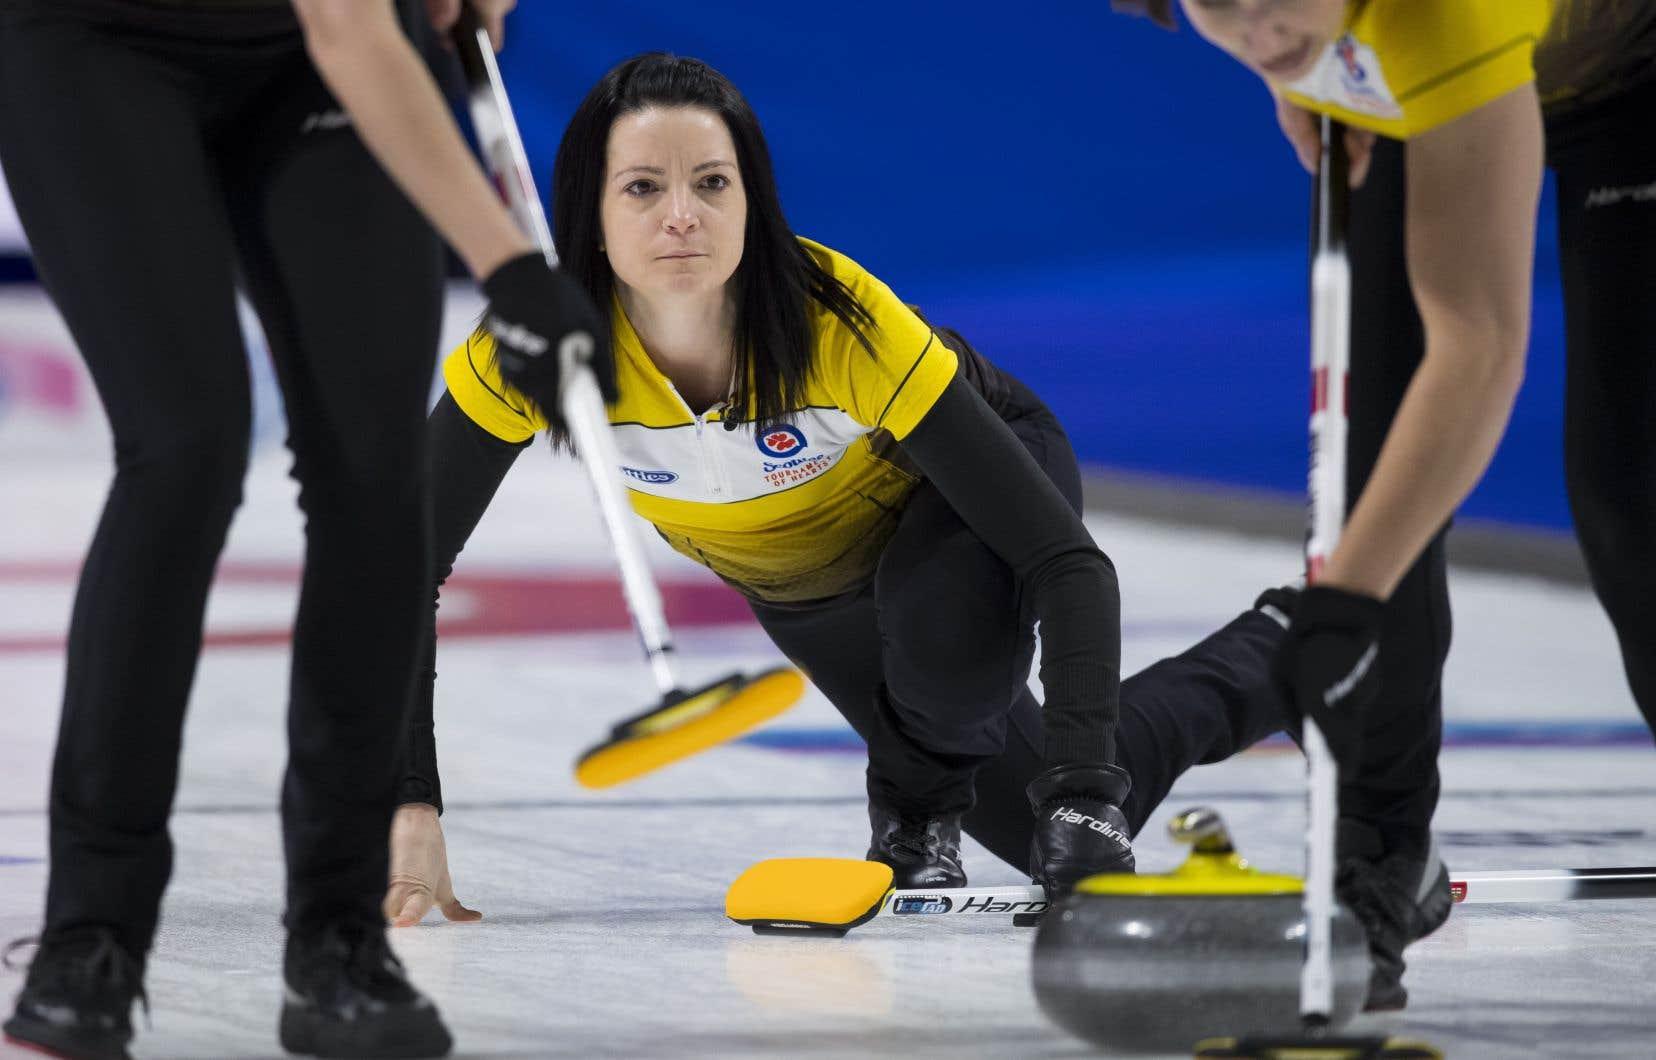 L'équipe canadienne de curling de la capitaine Kerri Einarson se frottera à celles d'une douzaine de pays, du 14 au 22 mars.